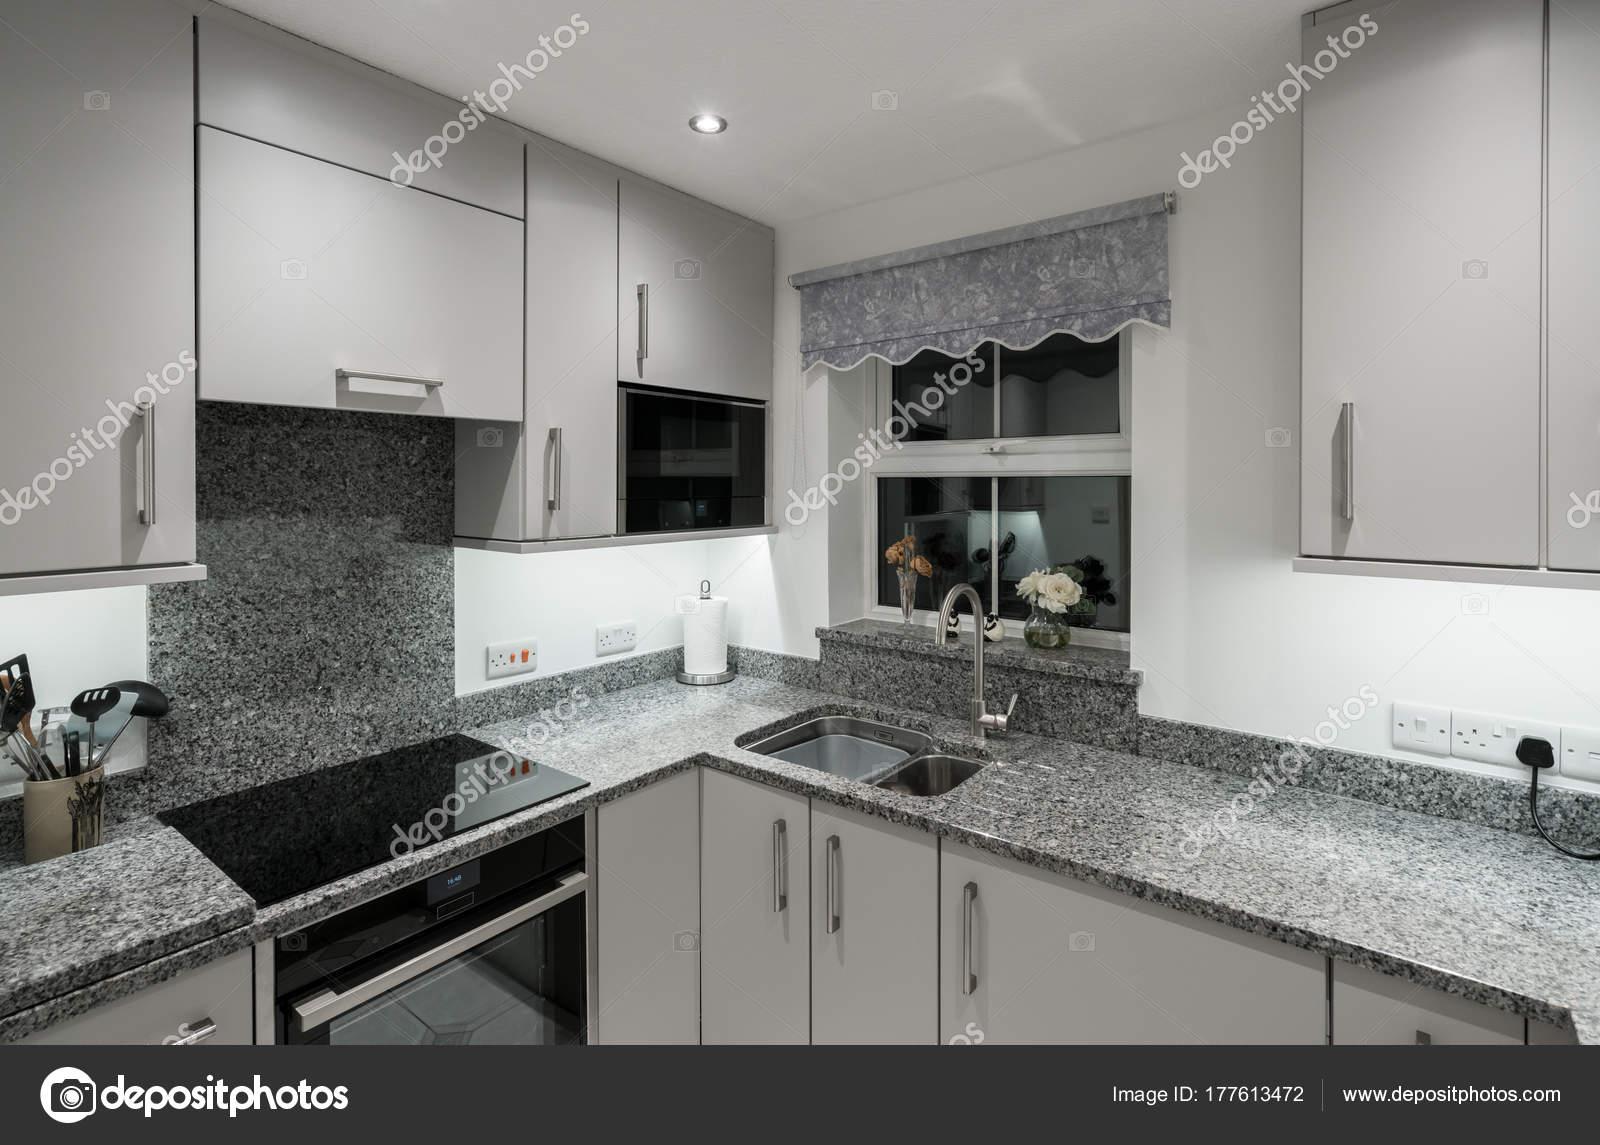 Kleine moderne keuken in appartement met granieten werkblad